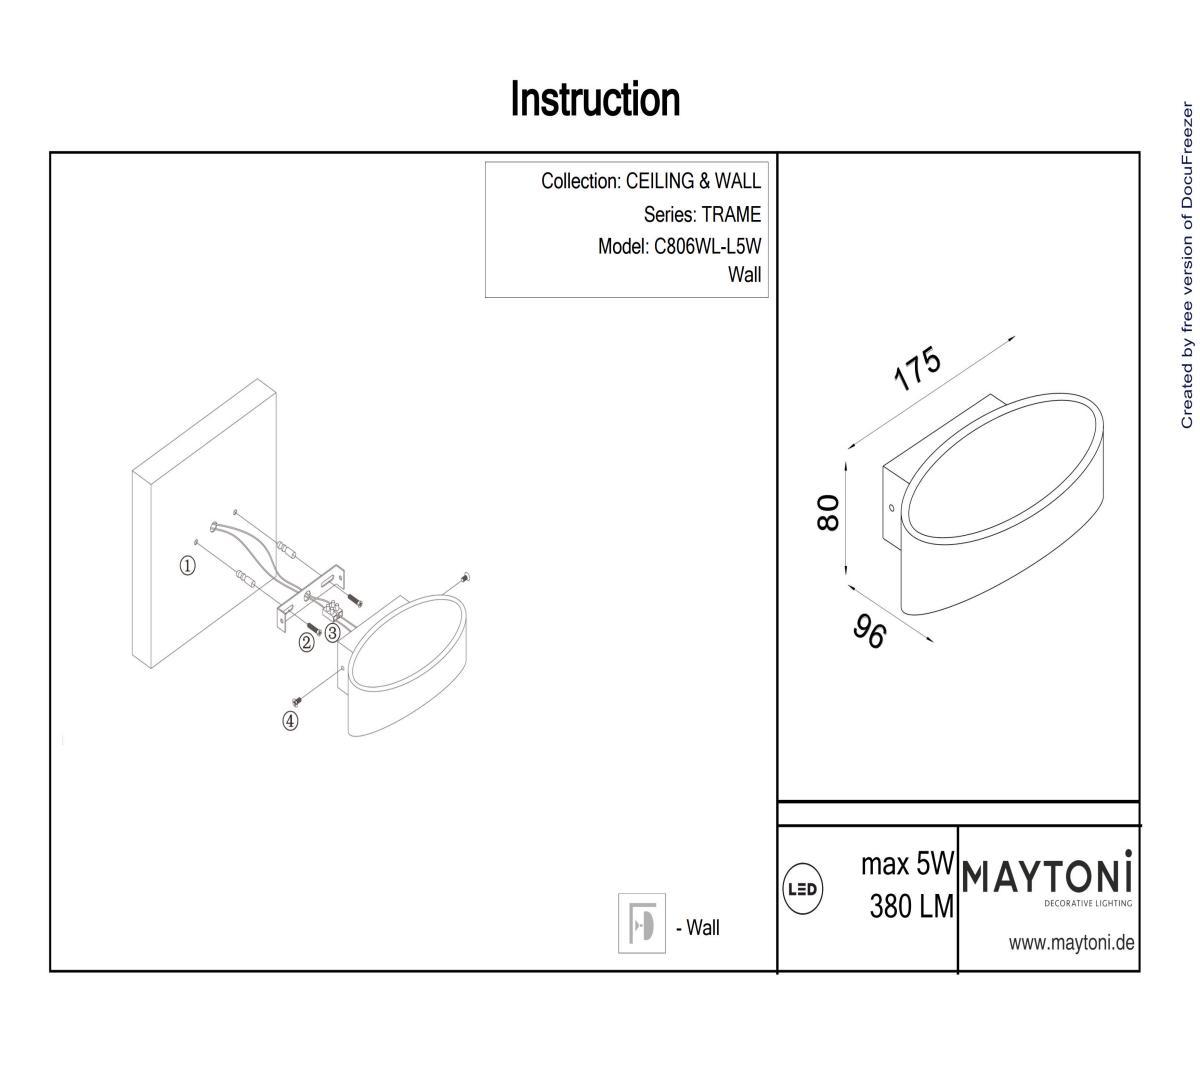 Светильник светодиодный MAYTONI C806WL-L5W